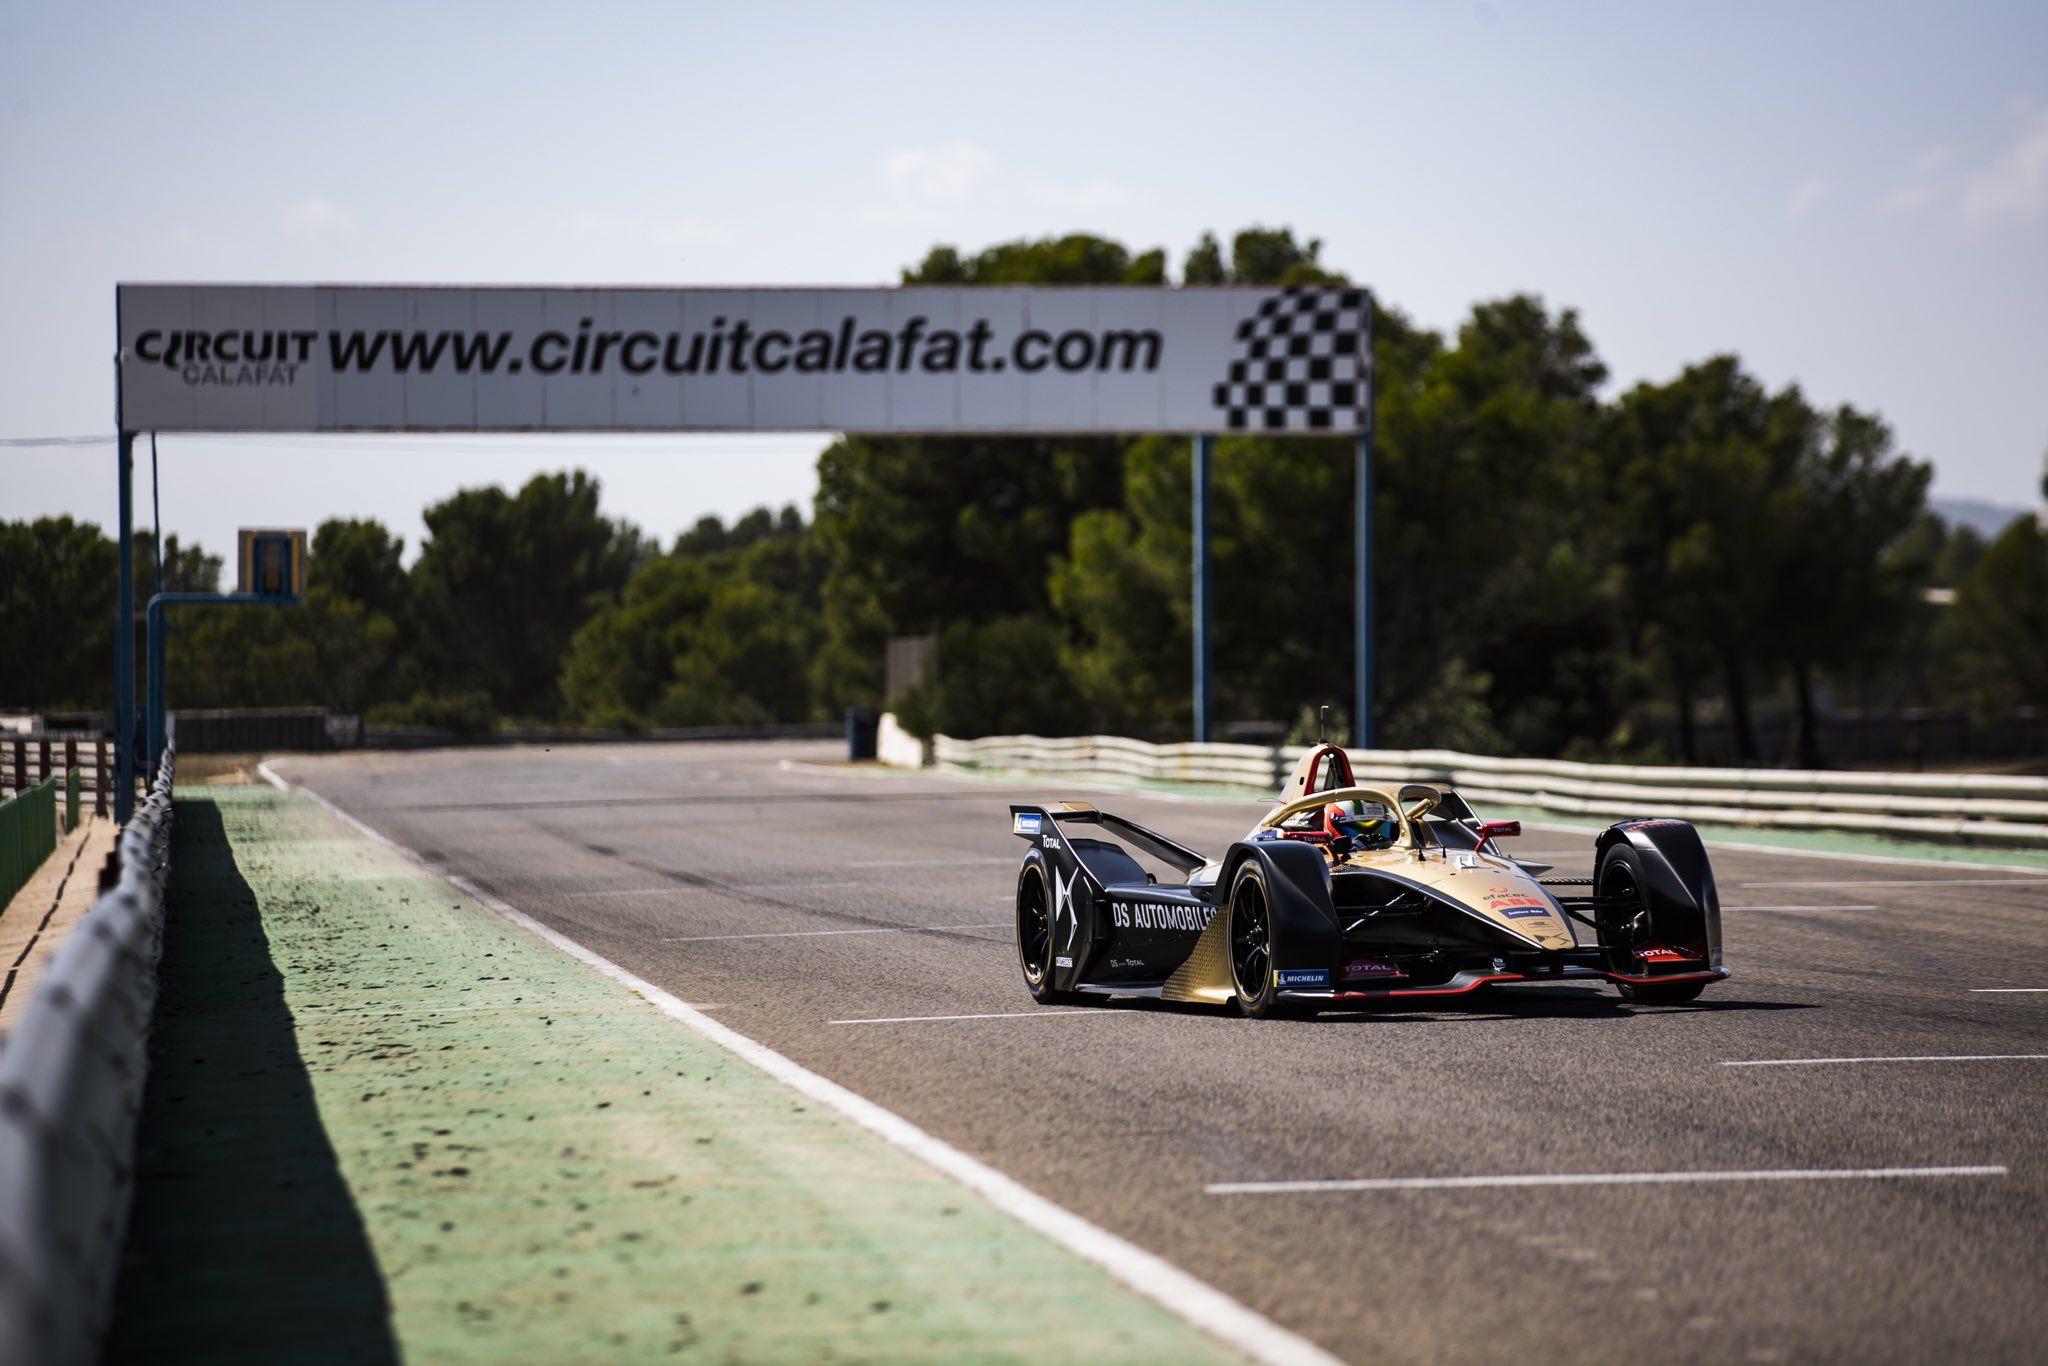 DS Techeetah presenta el monoplaza con el competirá en la temporada 2019/20 de la Fórmula E